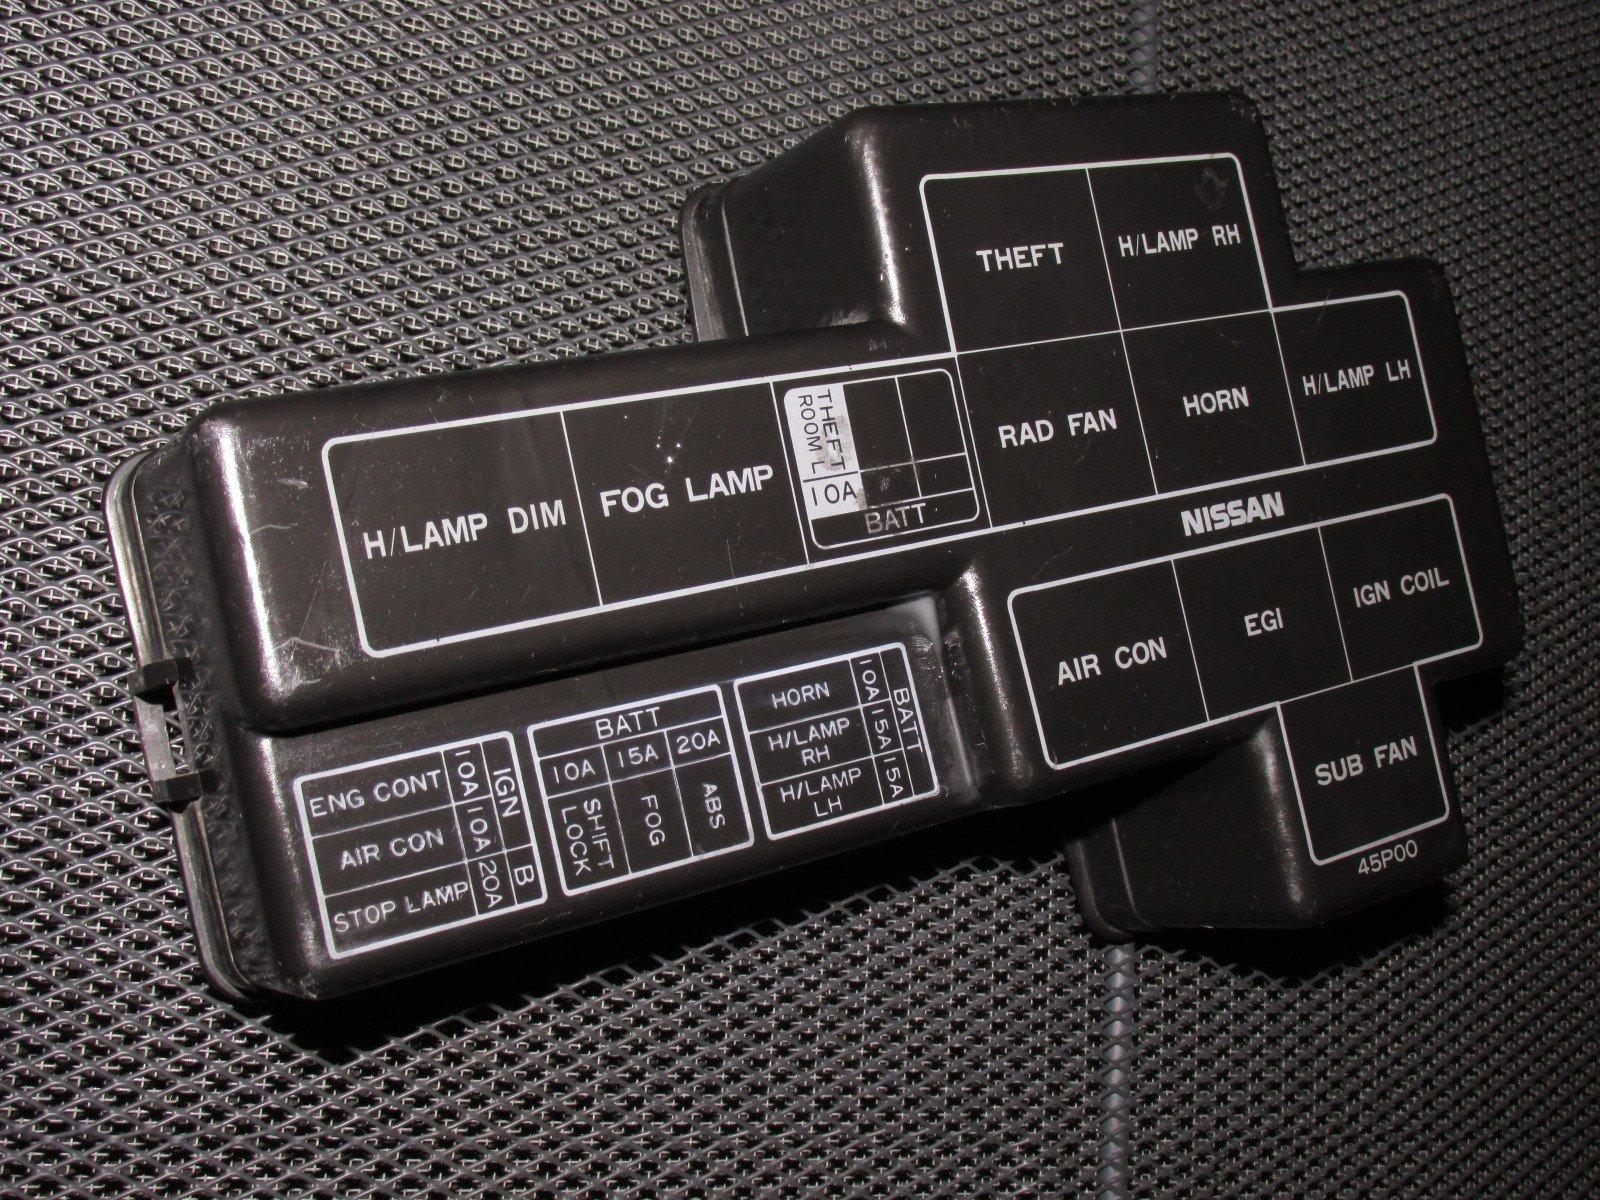 [FPER_4992]  300zx Fuse Box Location - Fuse Box 97 Audi A4 for Wiring Diagram Schematics | 1993 300zx Fuse Box Location |  | Wiring Diagram Schematics